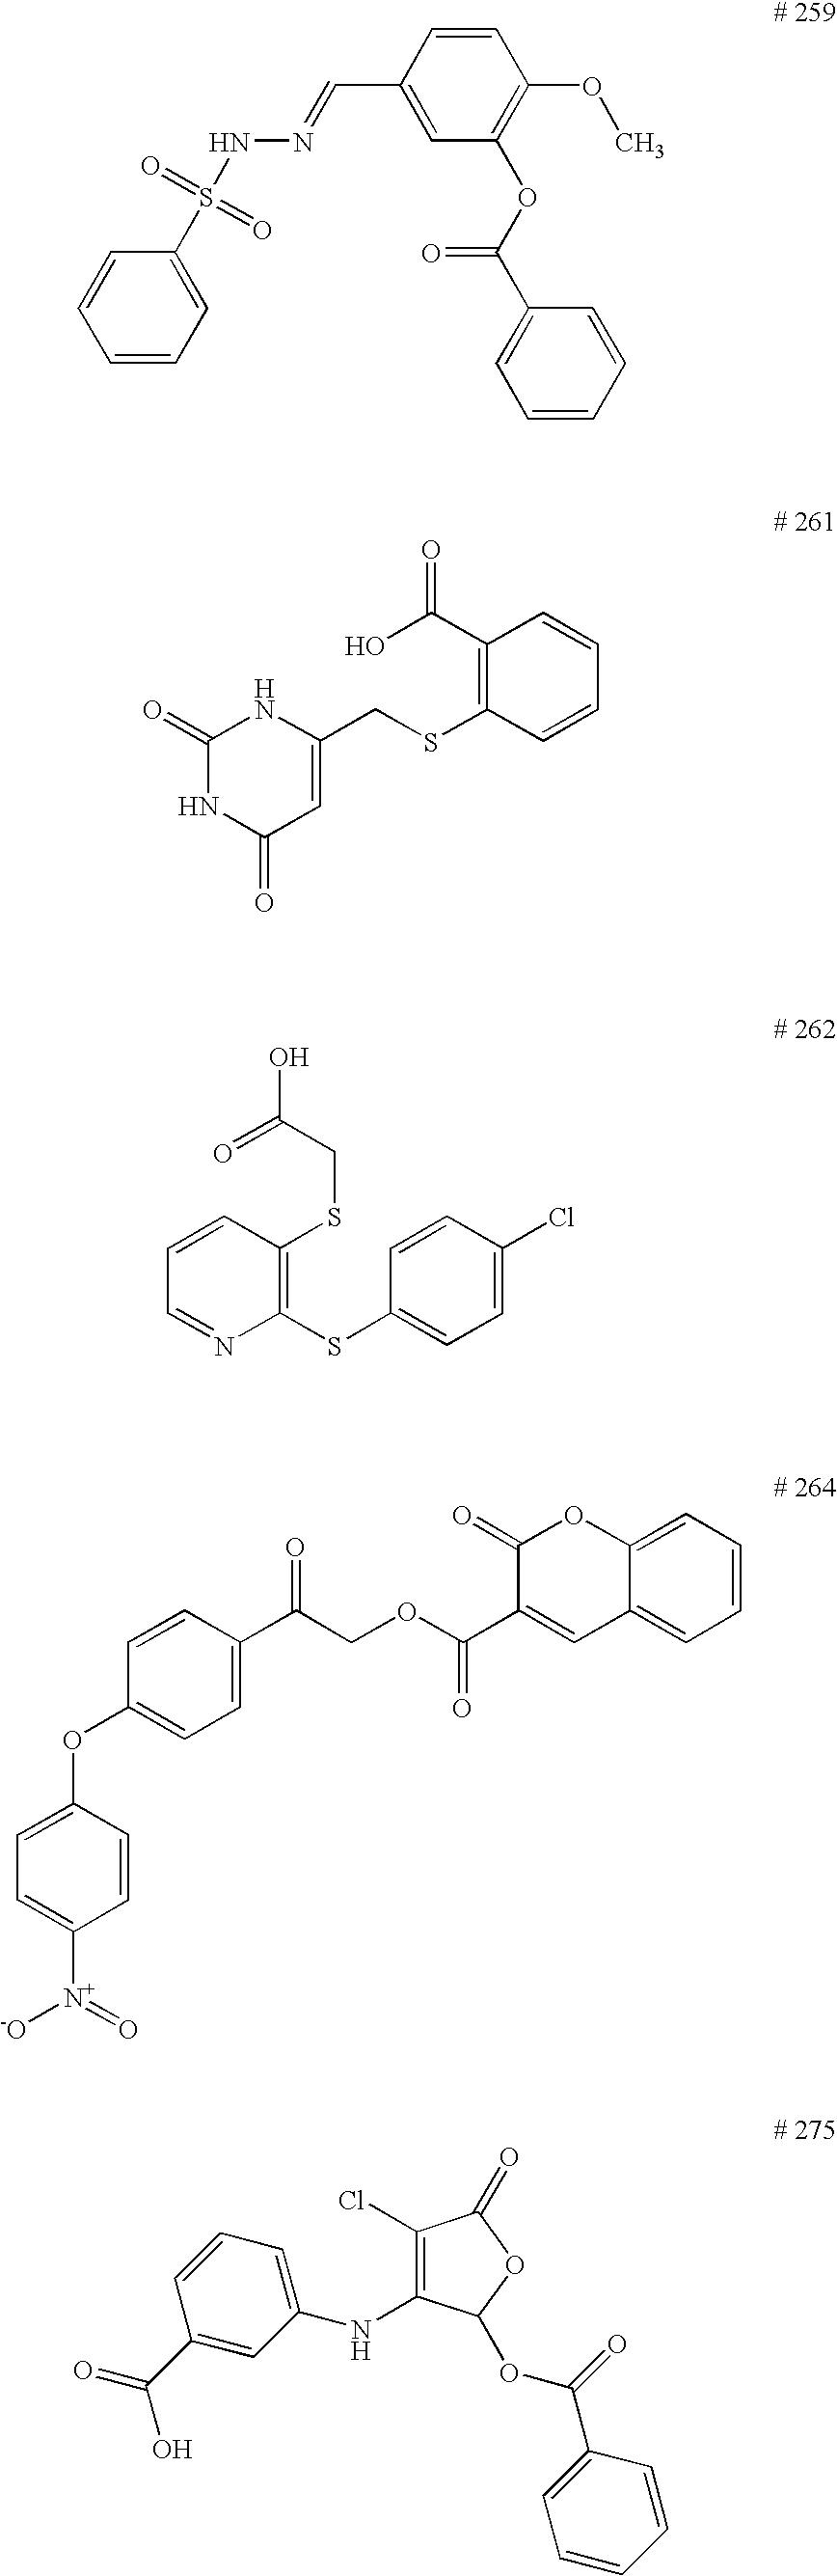 Figure US20070196395A1-20070823-C00173